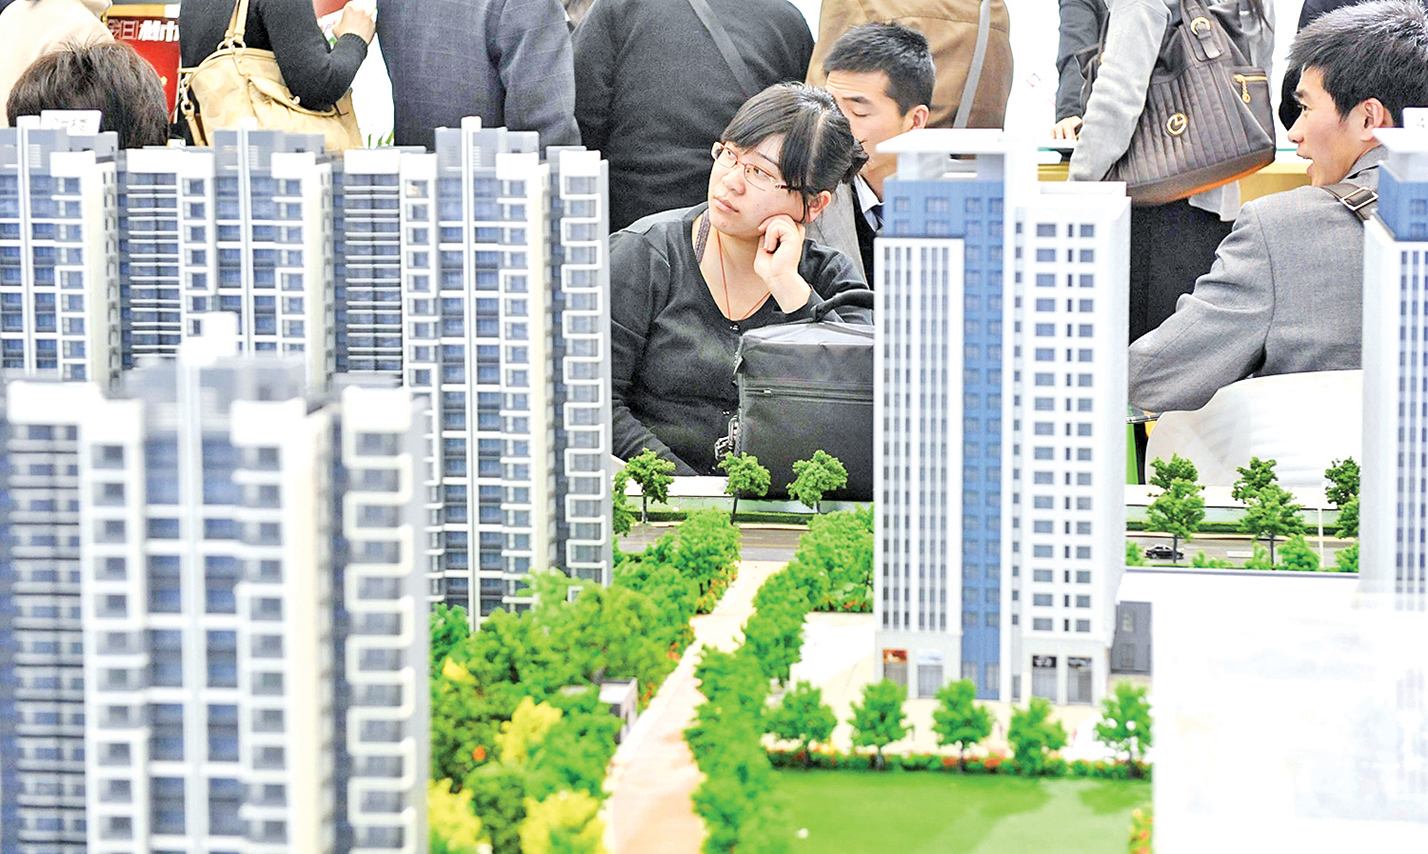 目前,中國的大部份生育人口,面對的最大的負擔是房價。他們在生活上的壓力,是少生或不生育的最直接原因。圖為2010年8月在北京舉行的房地產博覽會場。(Getty Images)